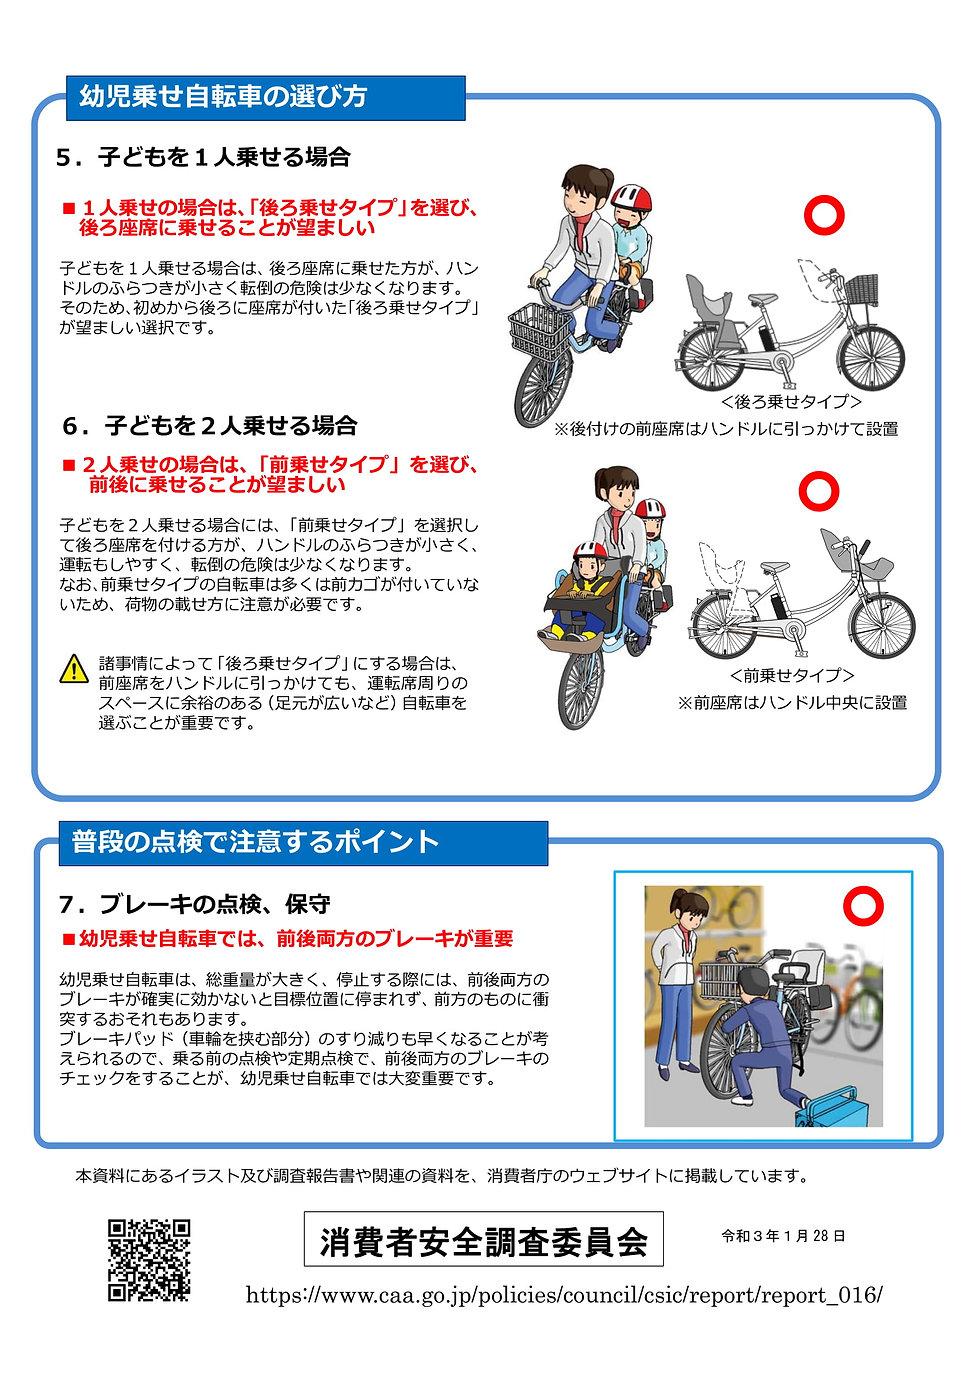 【別添②】「自転車の転倒事故からお子さまを守りましょう!」-2.jpg